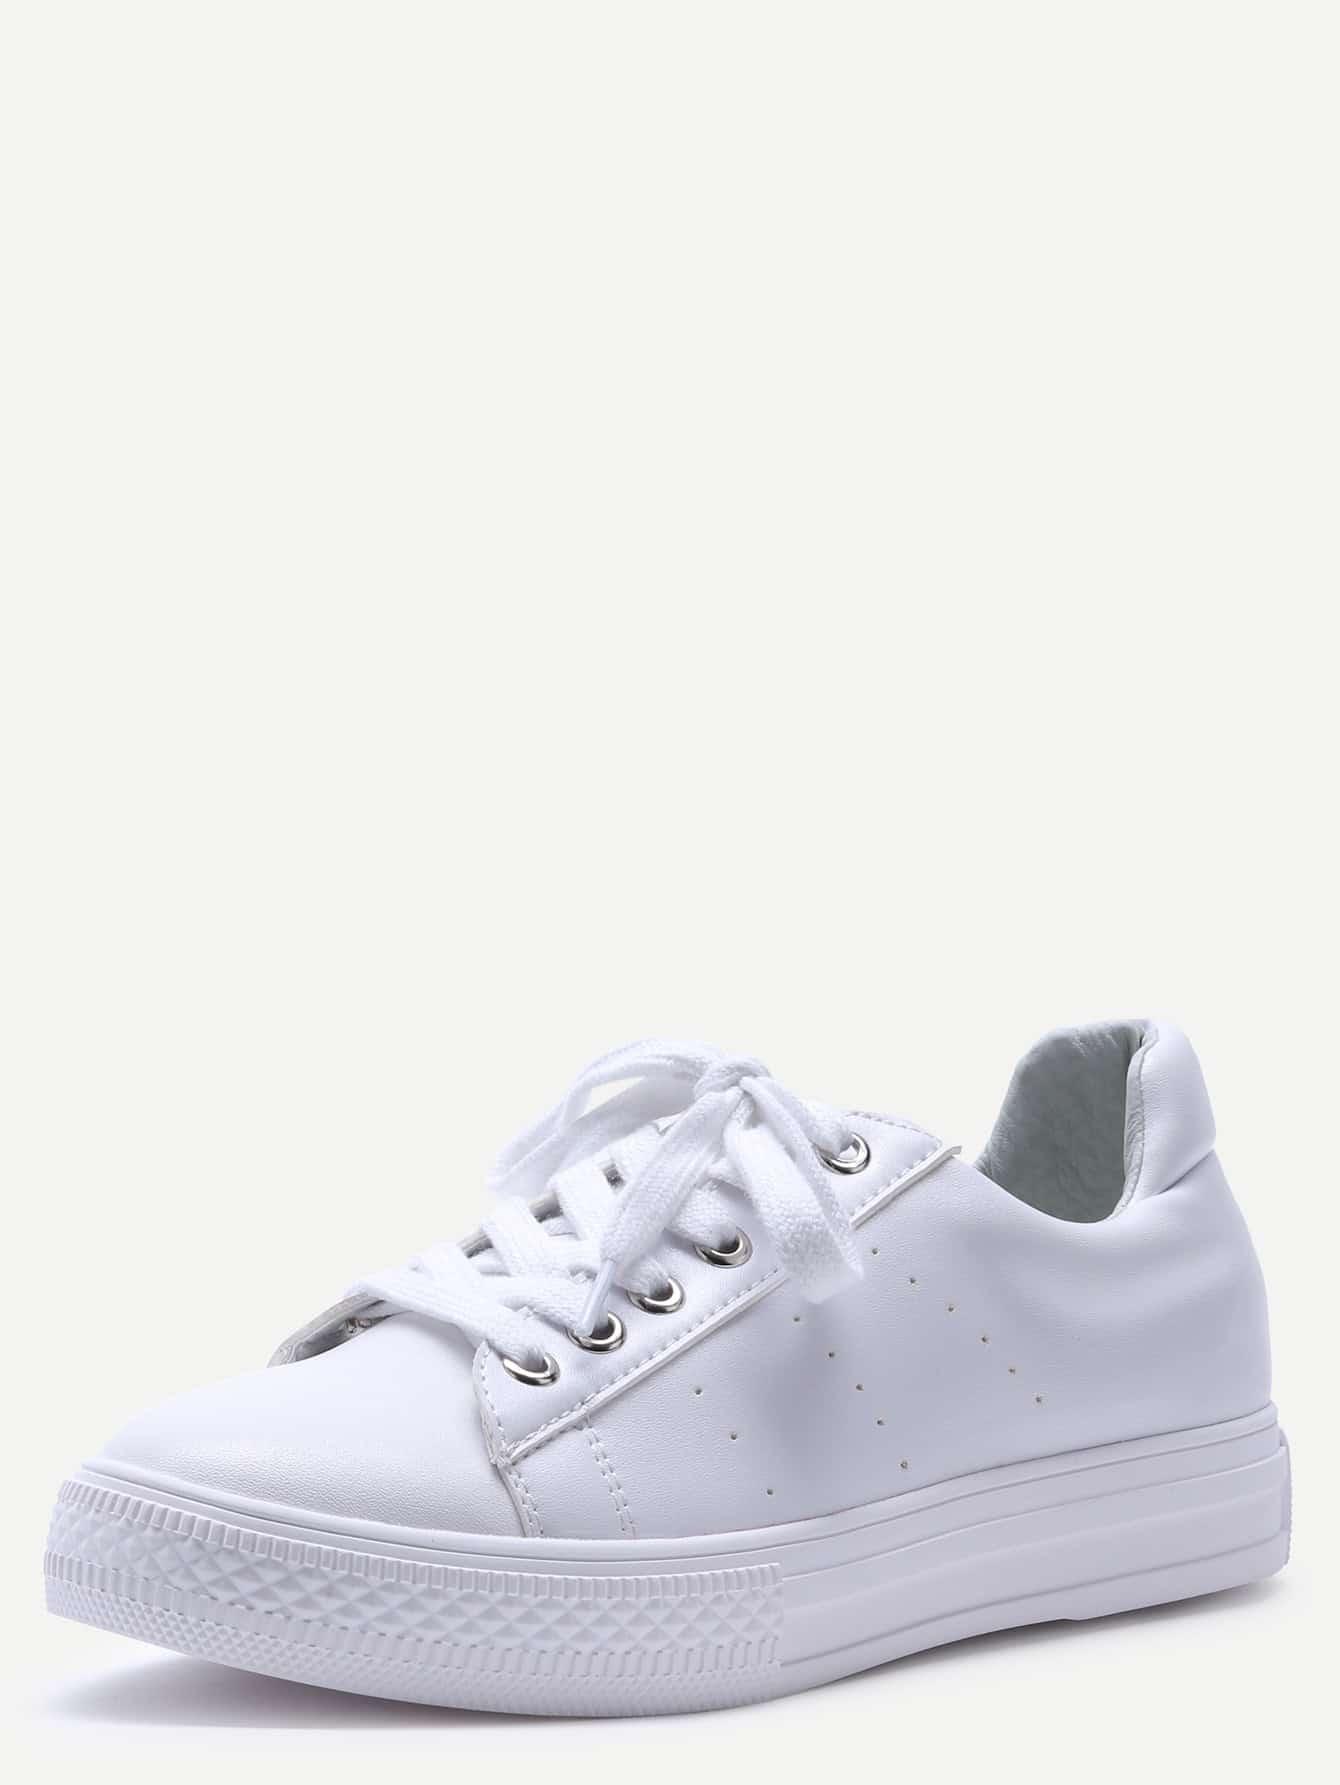 shoes161114804_2